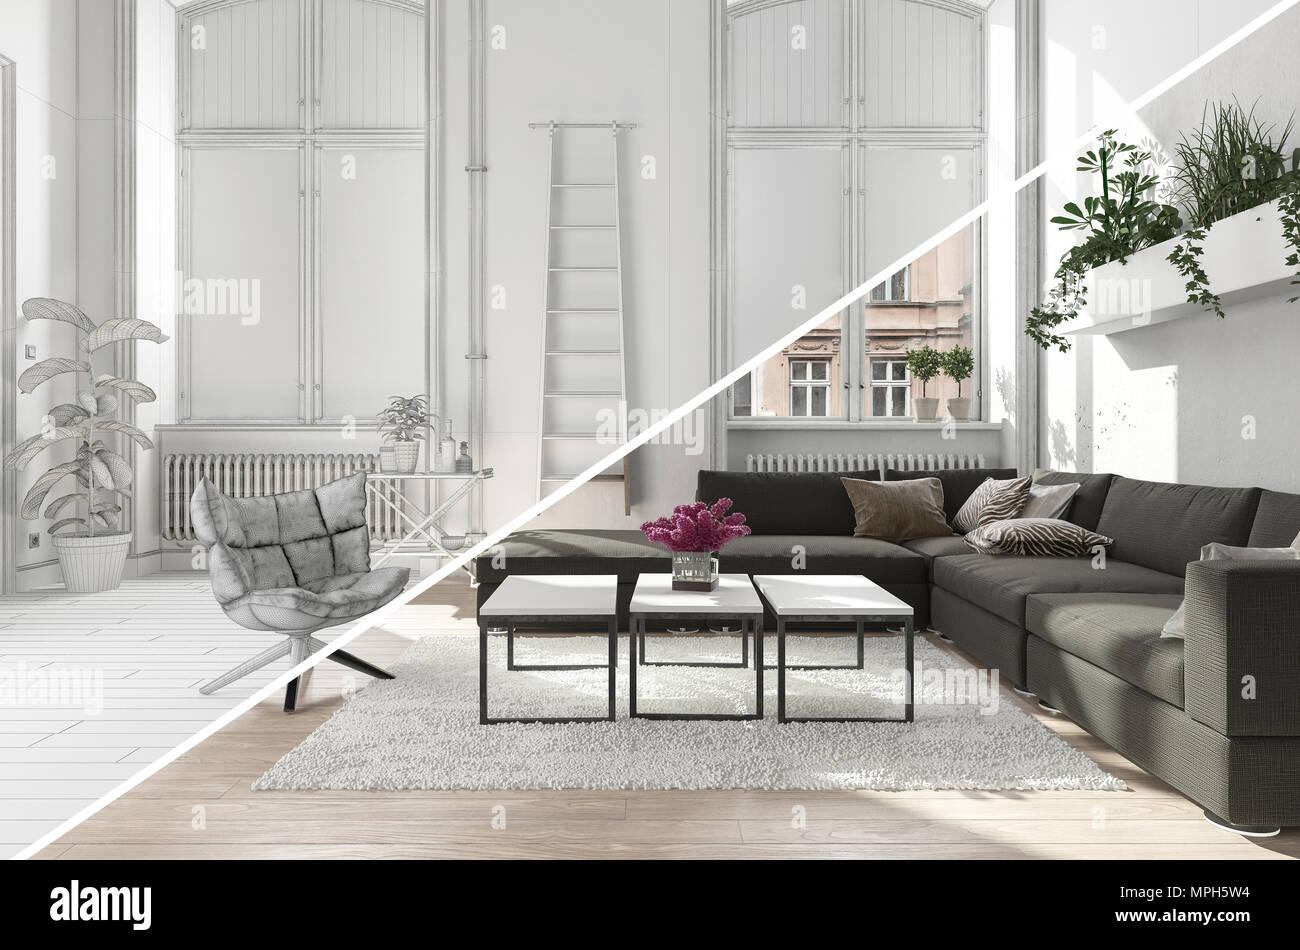 Ein Modernes Wohnzimmer Wohnbereich Mit Einem Diagonalen Split Zwischen  Farbe Und Schwarz Weiß Versionen.